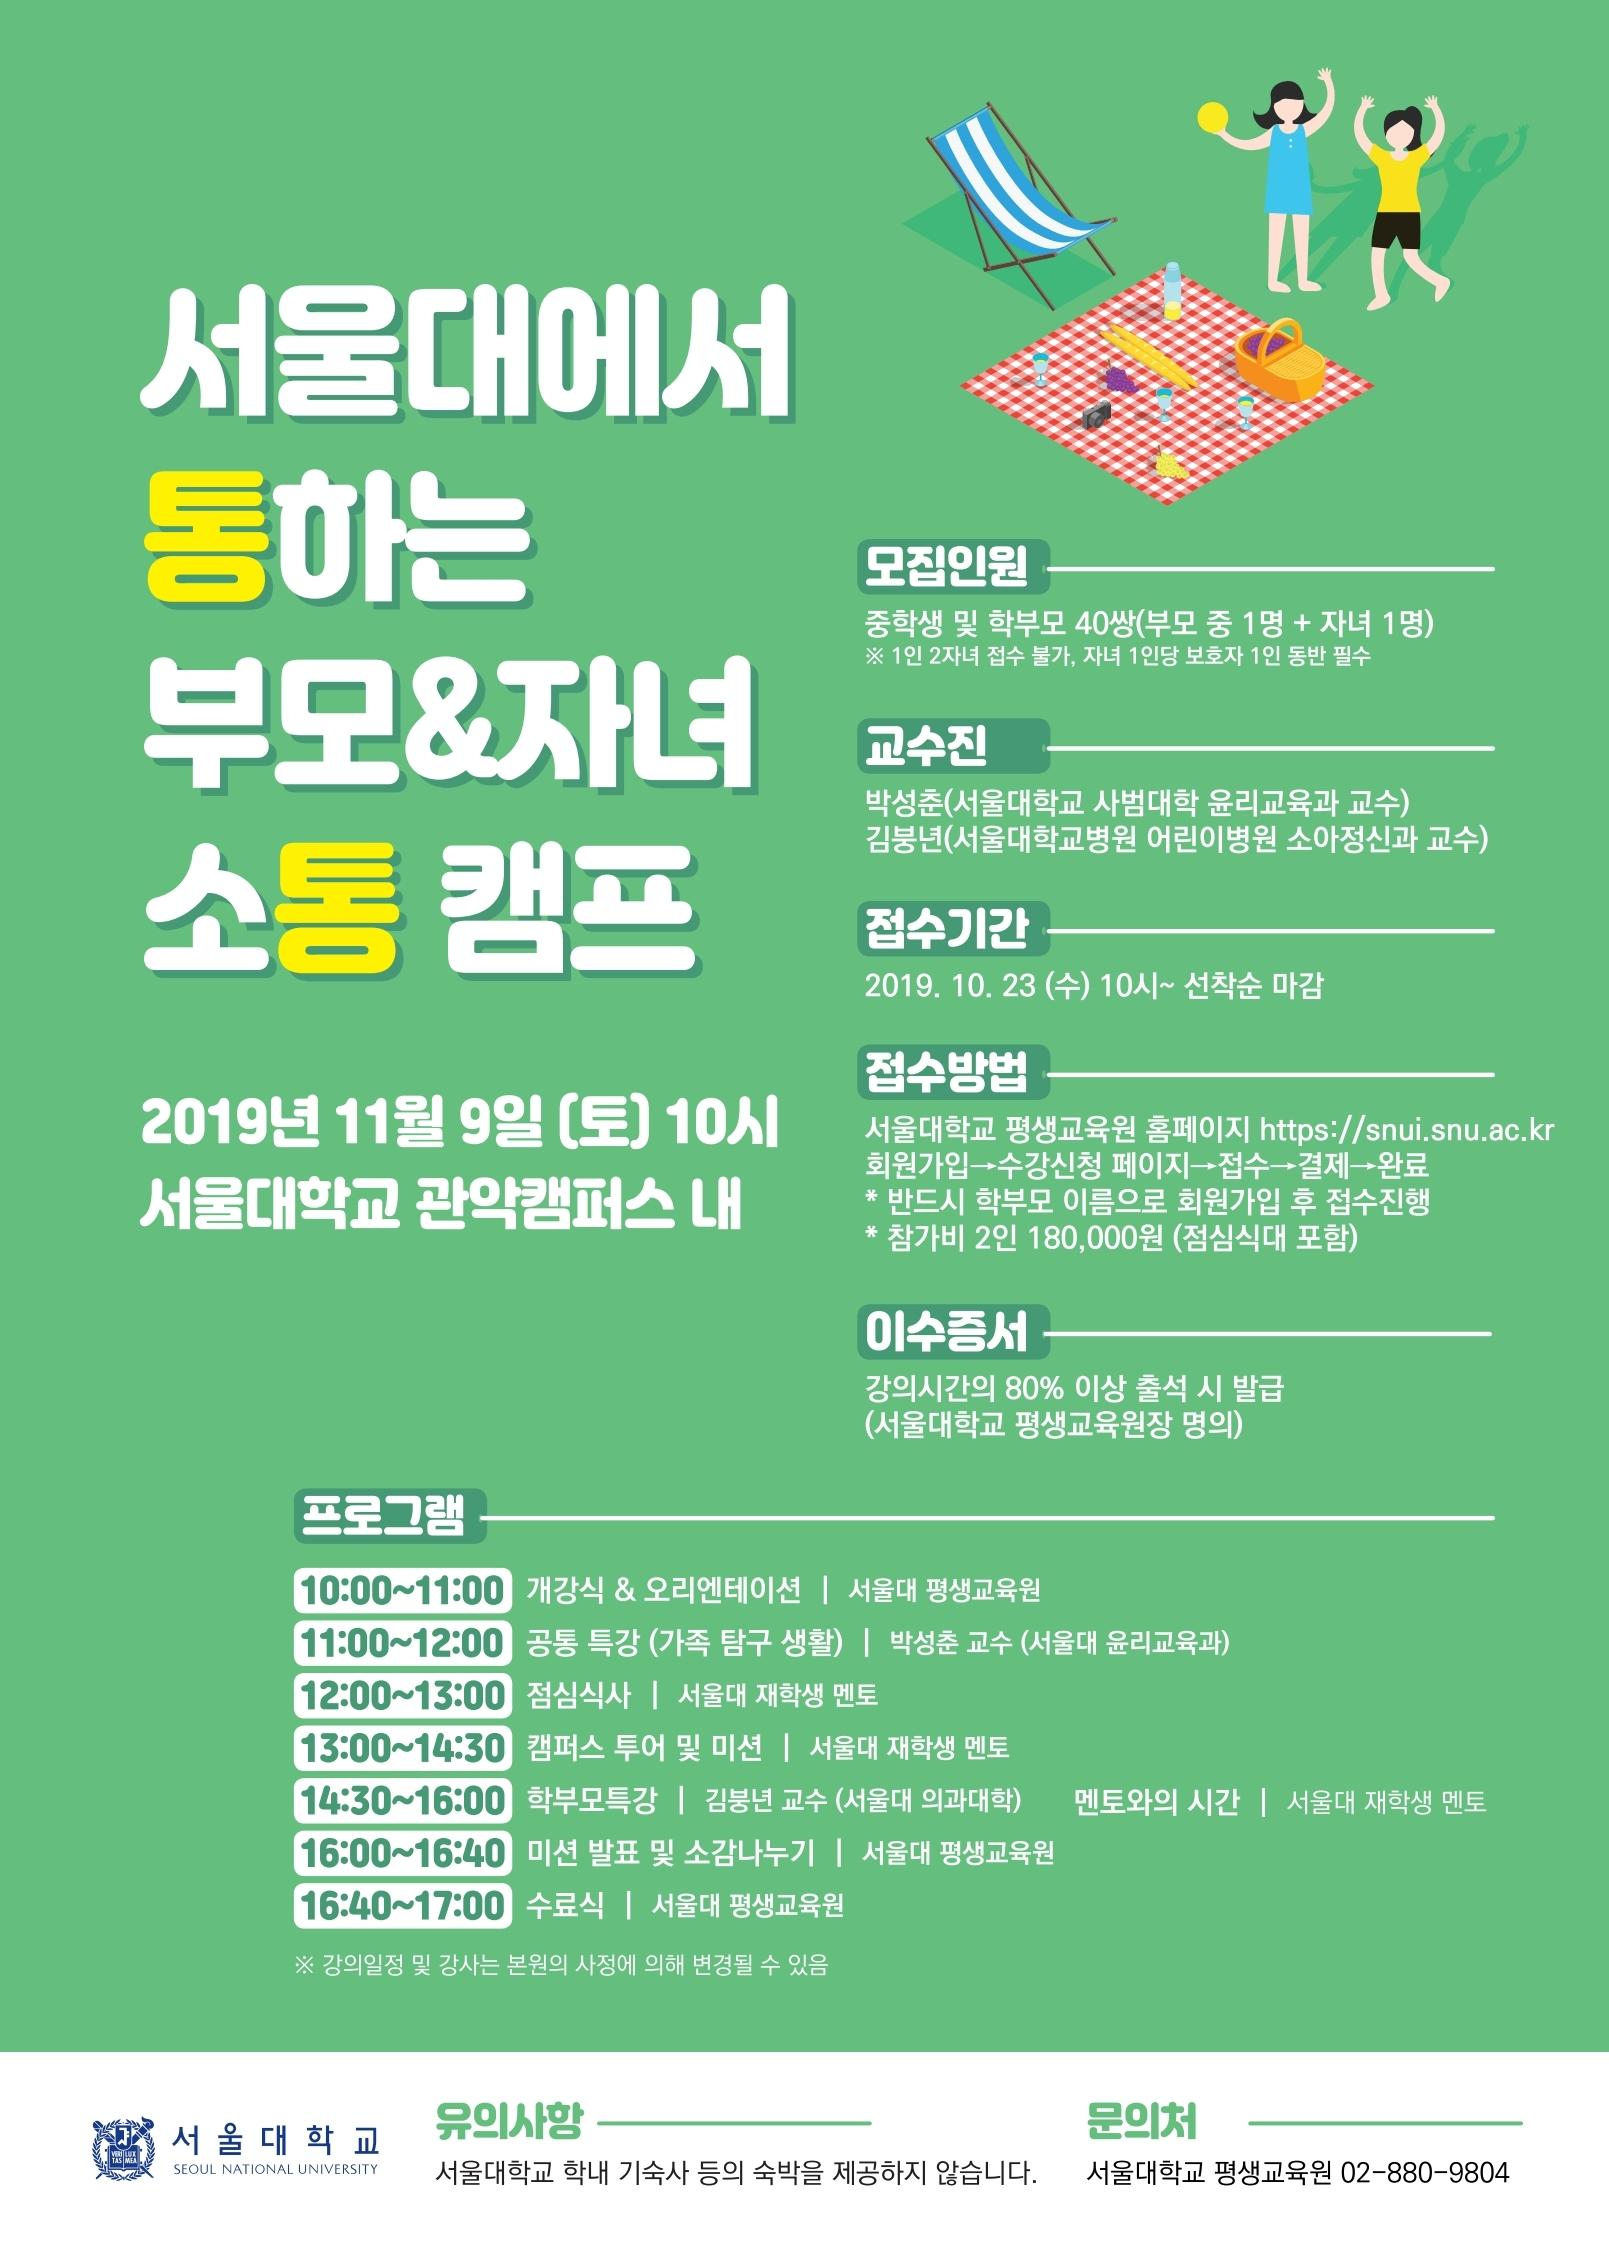 [일반] 서울대에서 통하는 부모&자녀 소통캠프의 첨부이미지 1